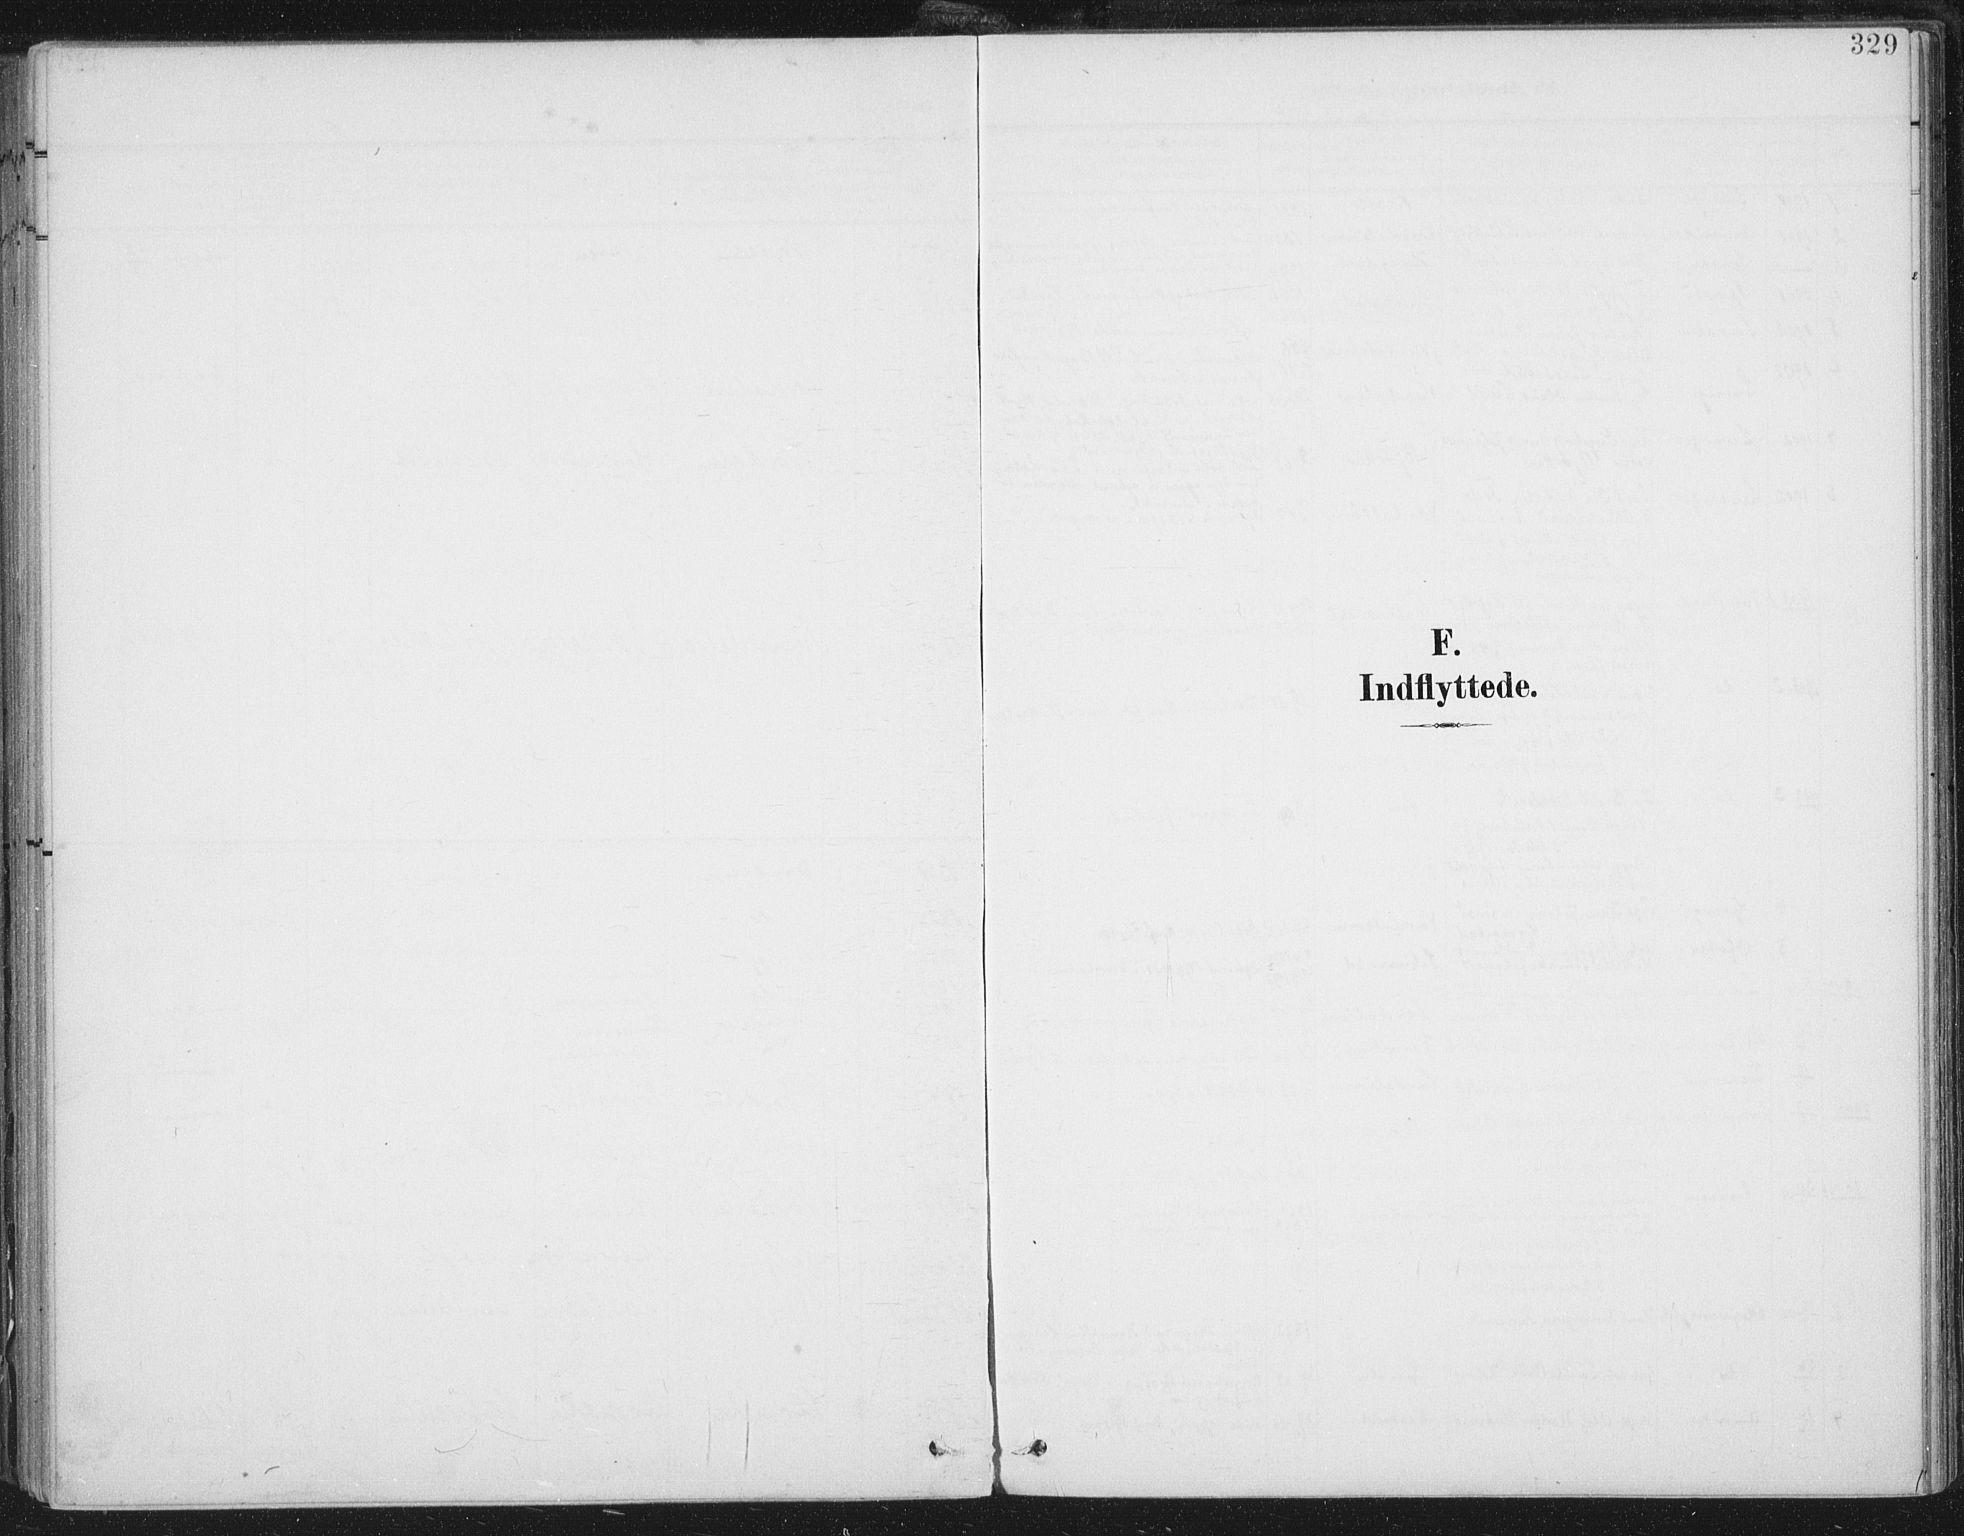 SAT, Ministerialprotokoller, klokkerbøker og fødselsregistre - Nord-Trøndelag, 723/L0246: Ministerialbok nr. 723A15, 1900-1917, s. 329